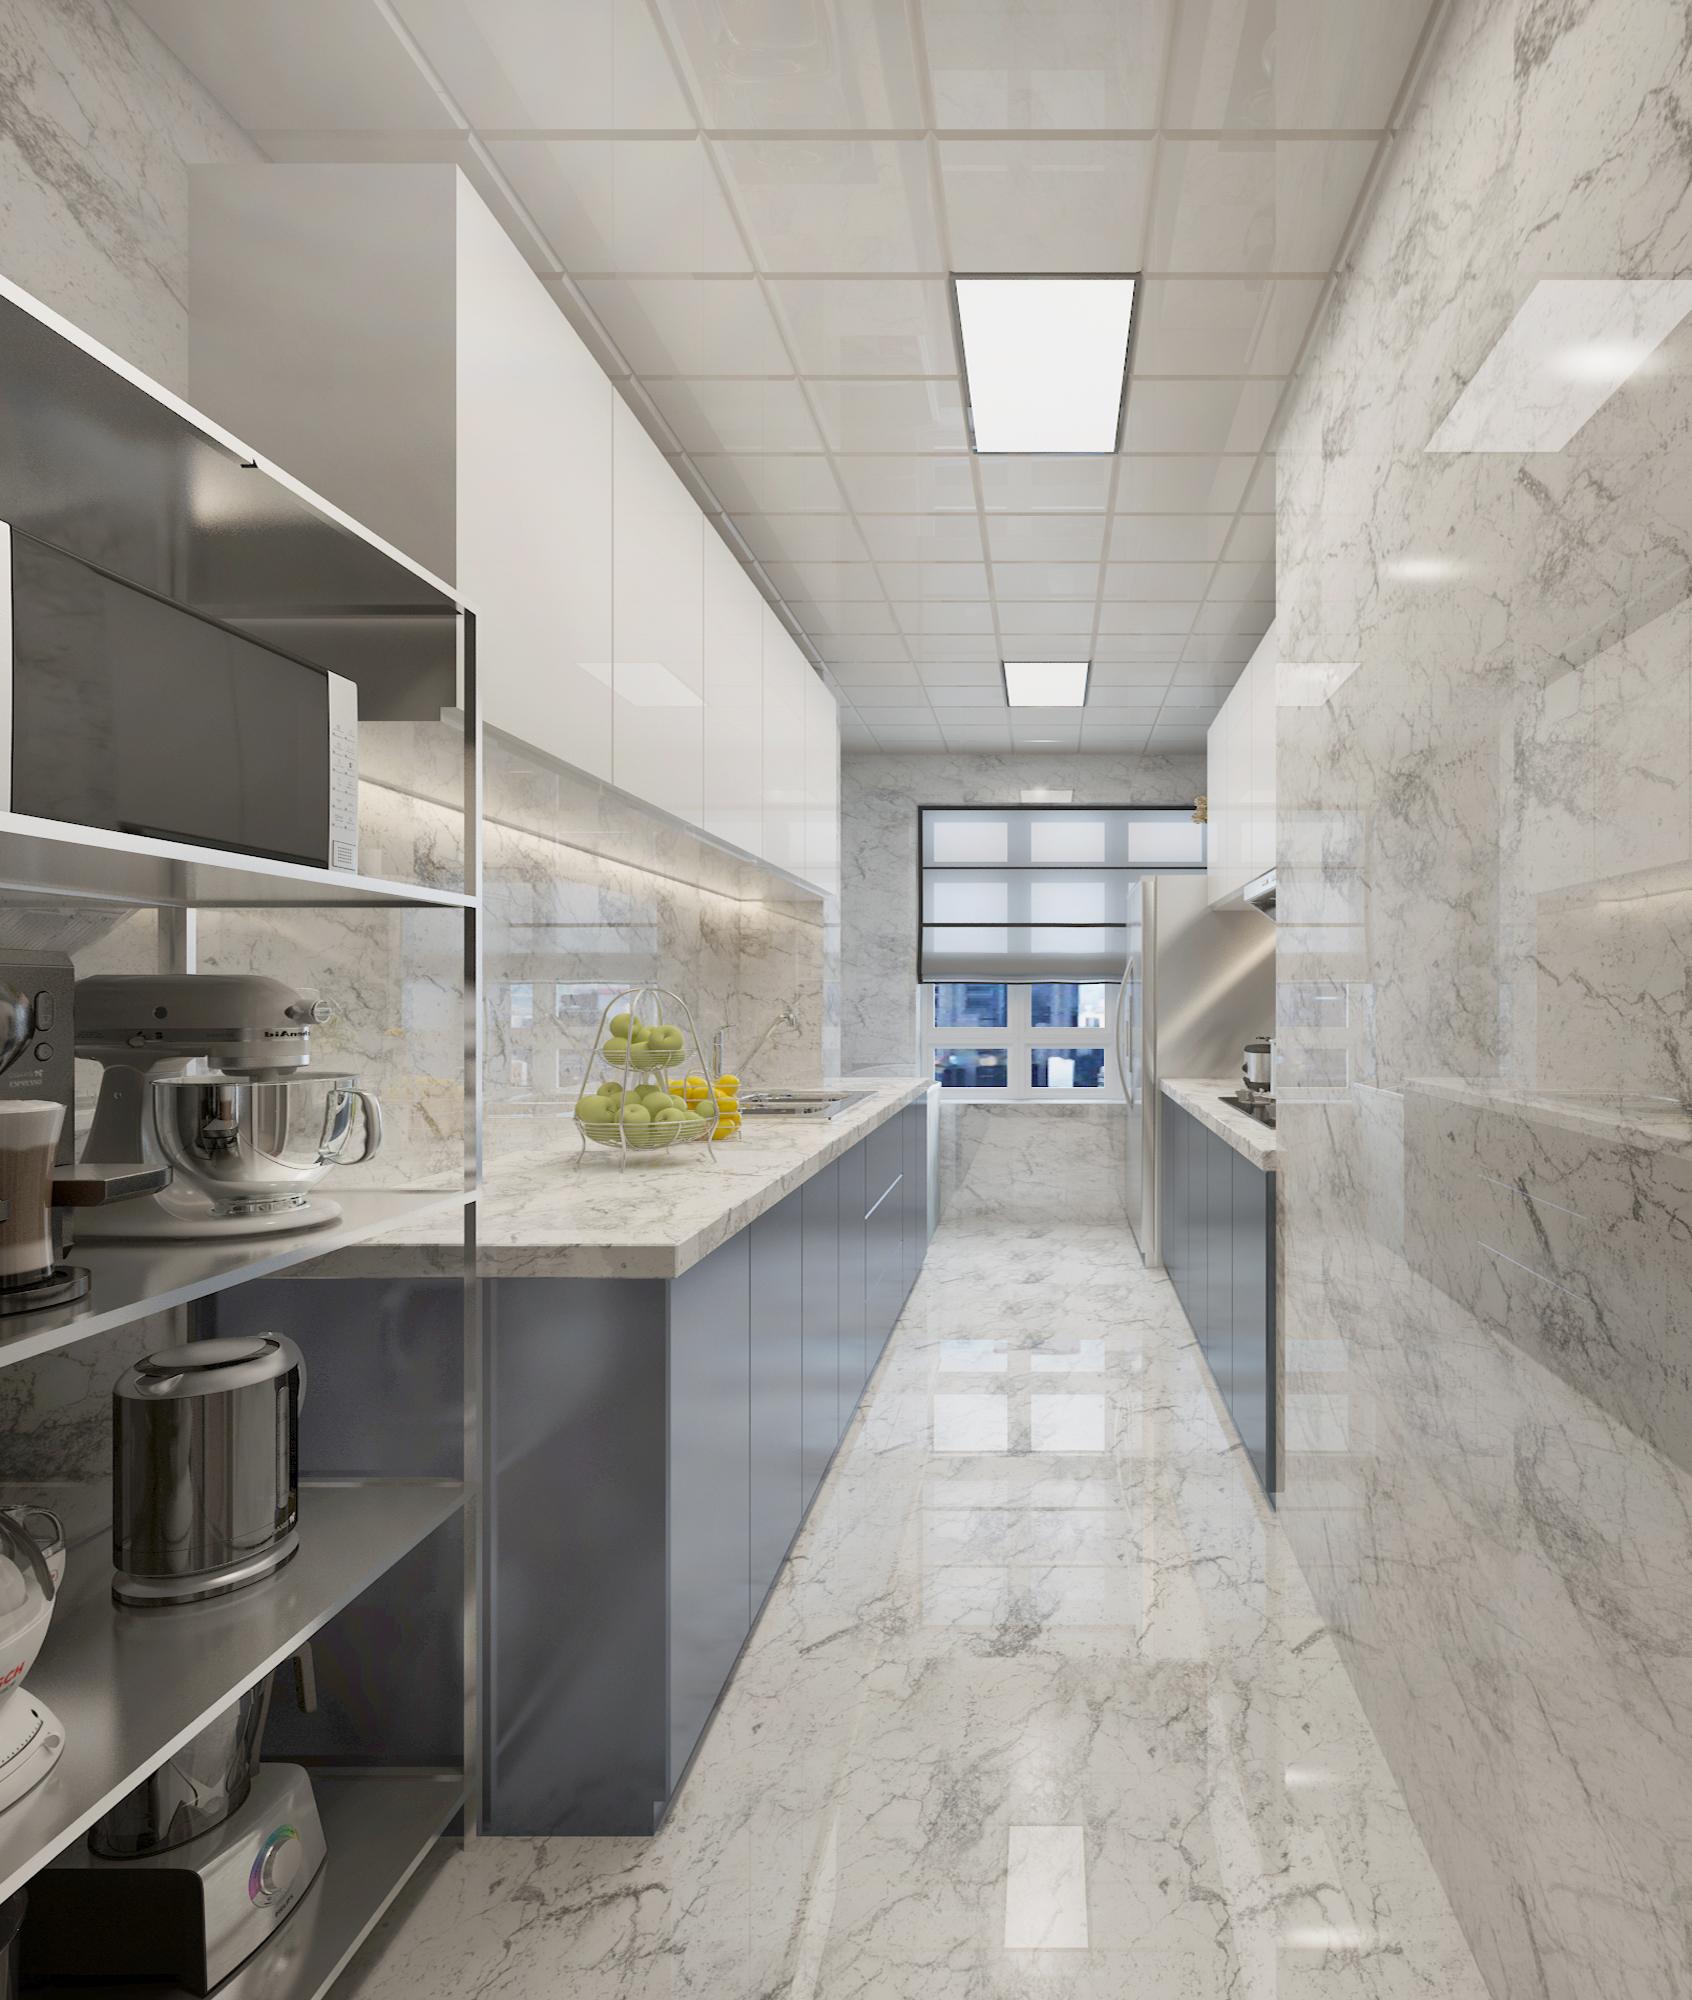 130㎡现代简约风格厨房装修效果图